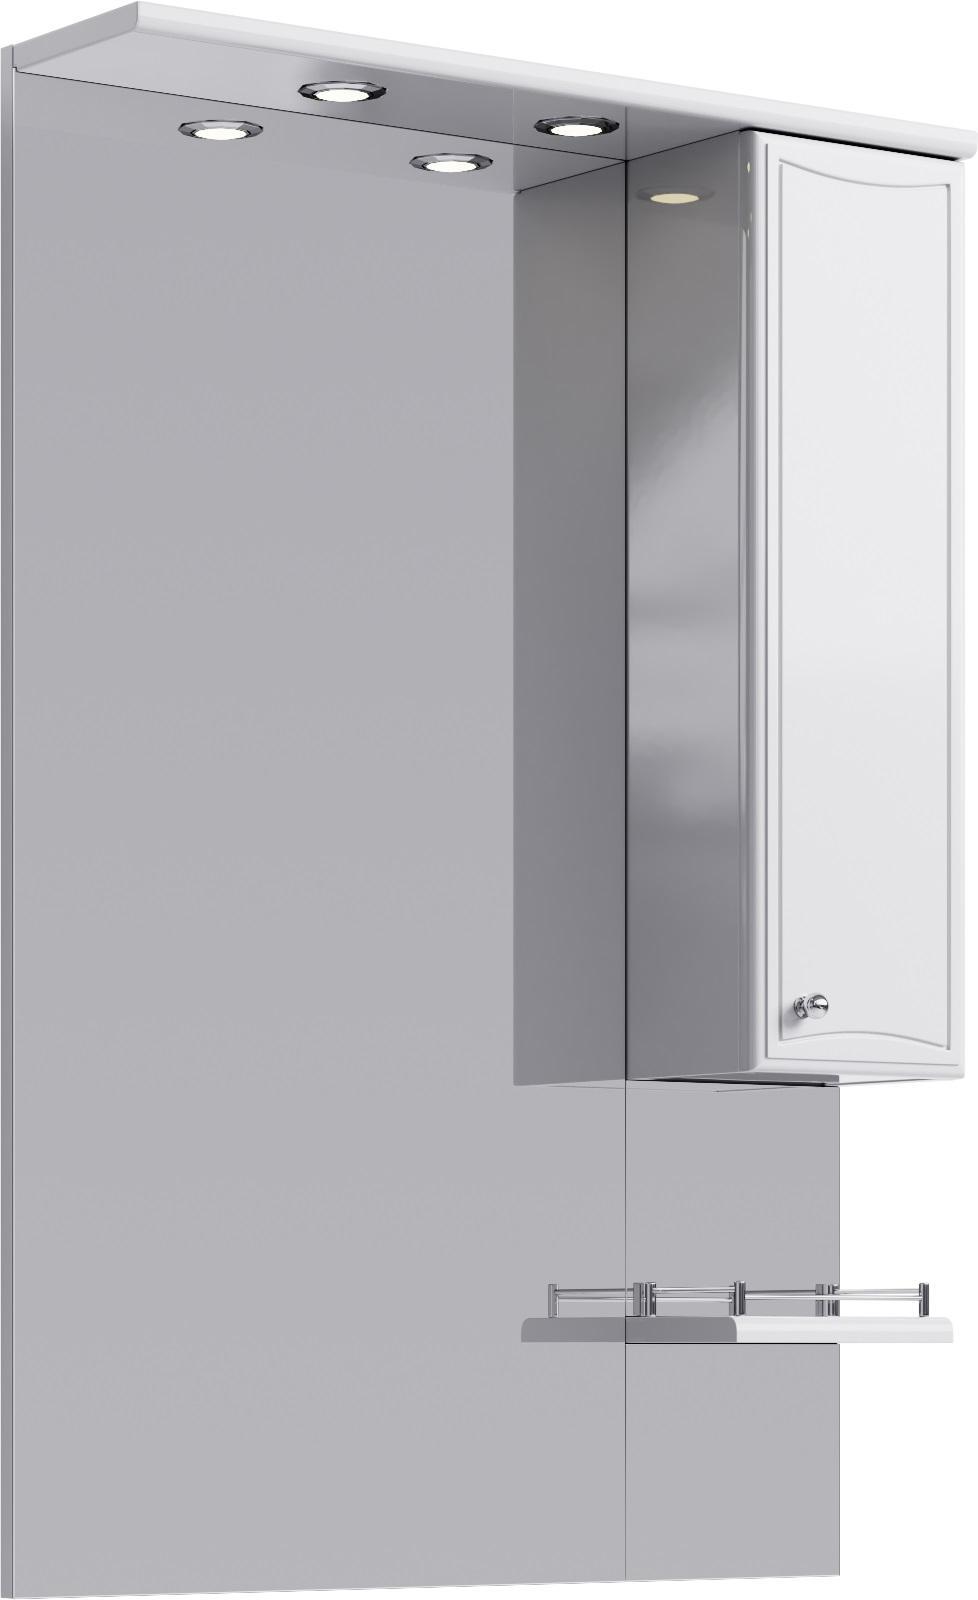 Купить Зеркало Aqwella Барселона 80 со шкафчиком и подсветкой, белый Ba.02.08, Россия